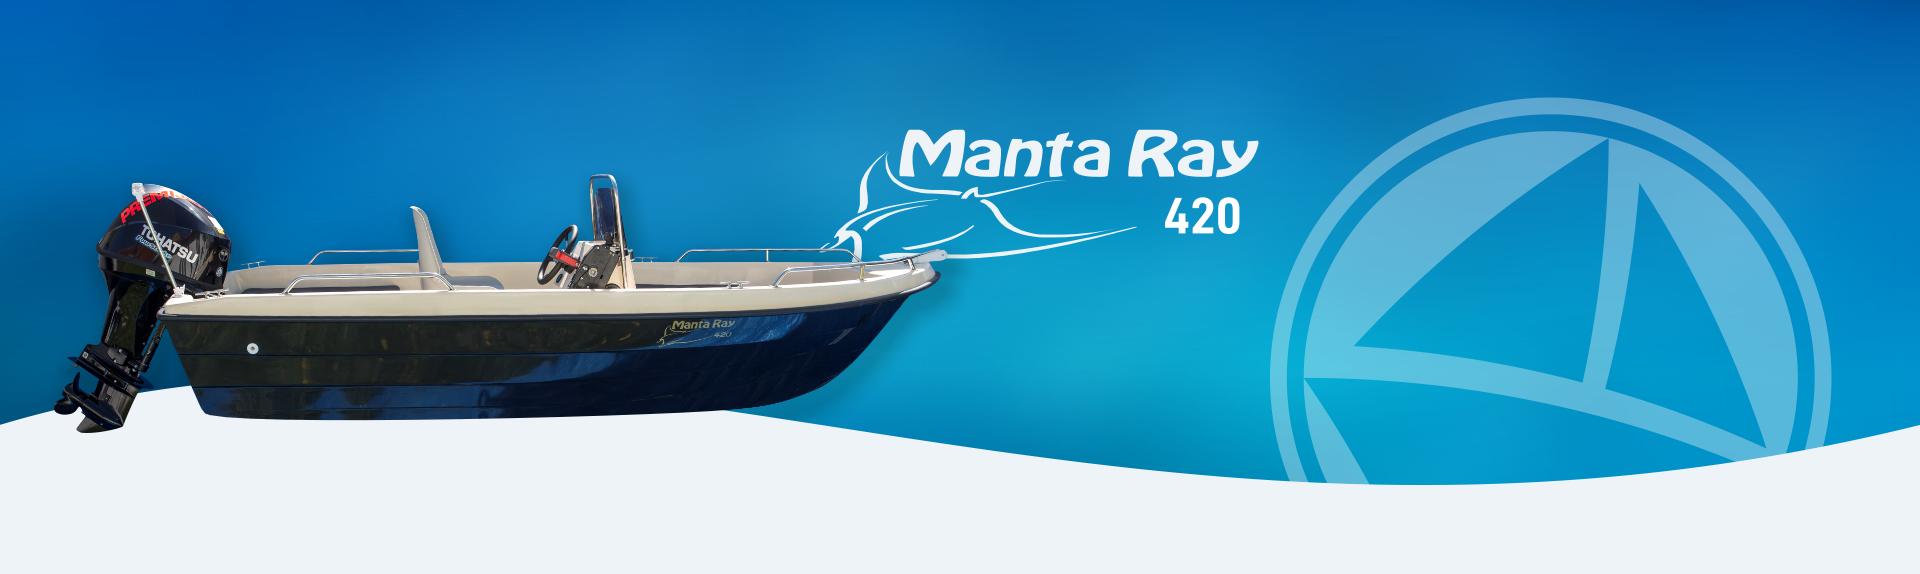 Manta ray 420